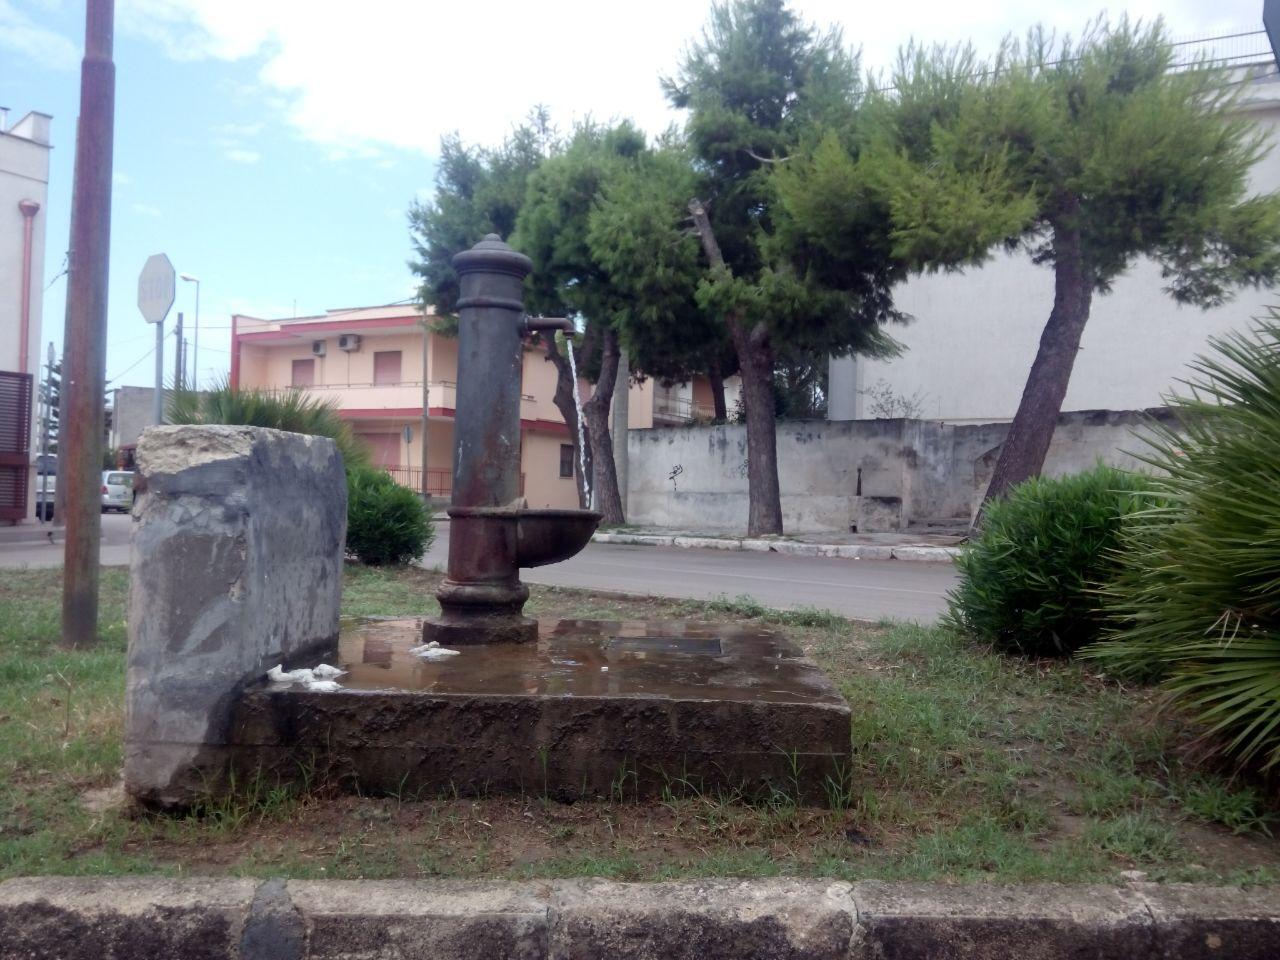 Fontana a Melendugno con acqua sempre aperta,chi pagherà per lo spreco?